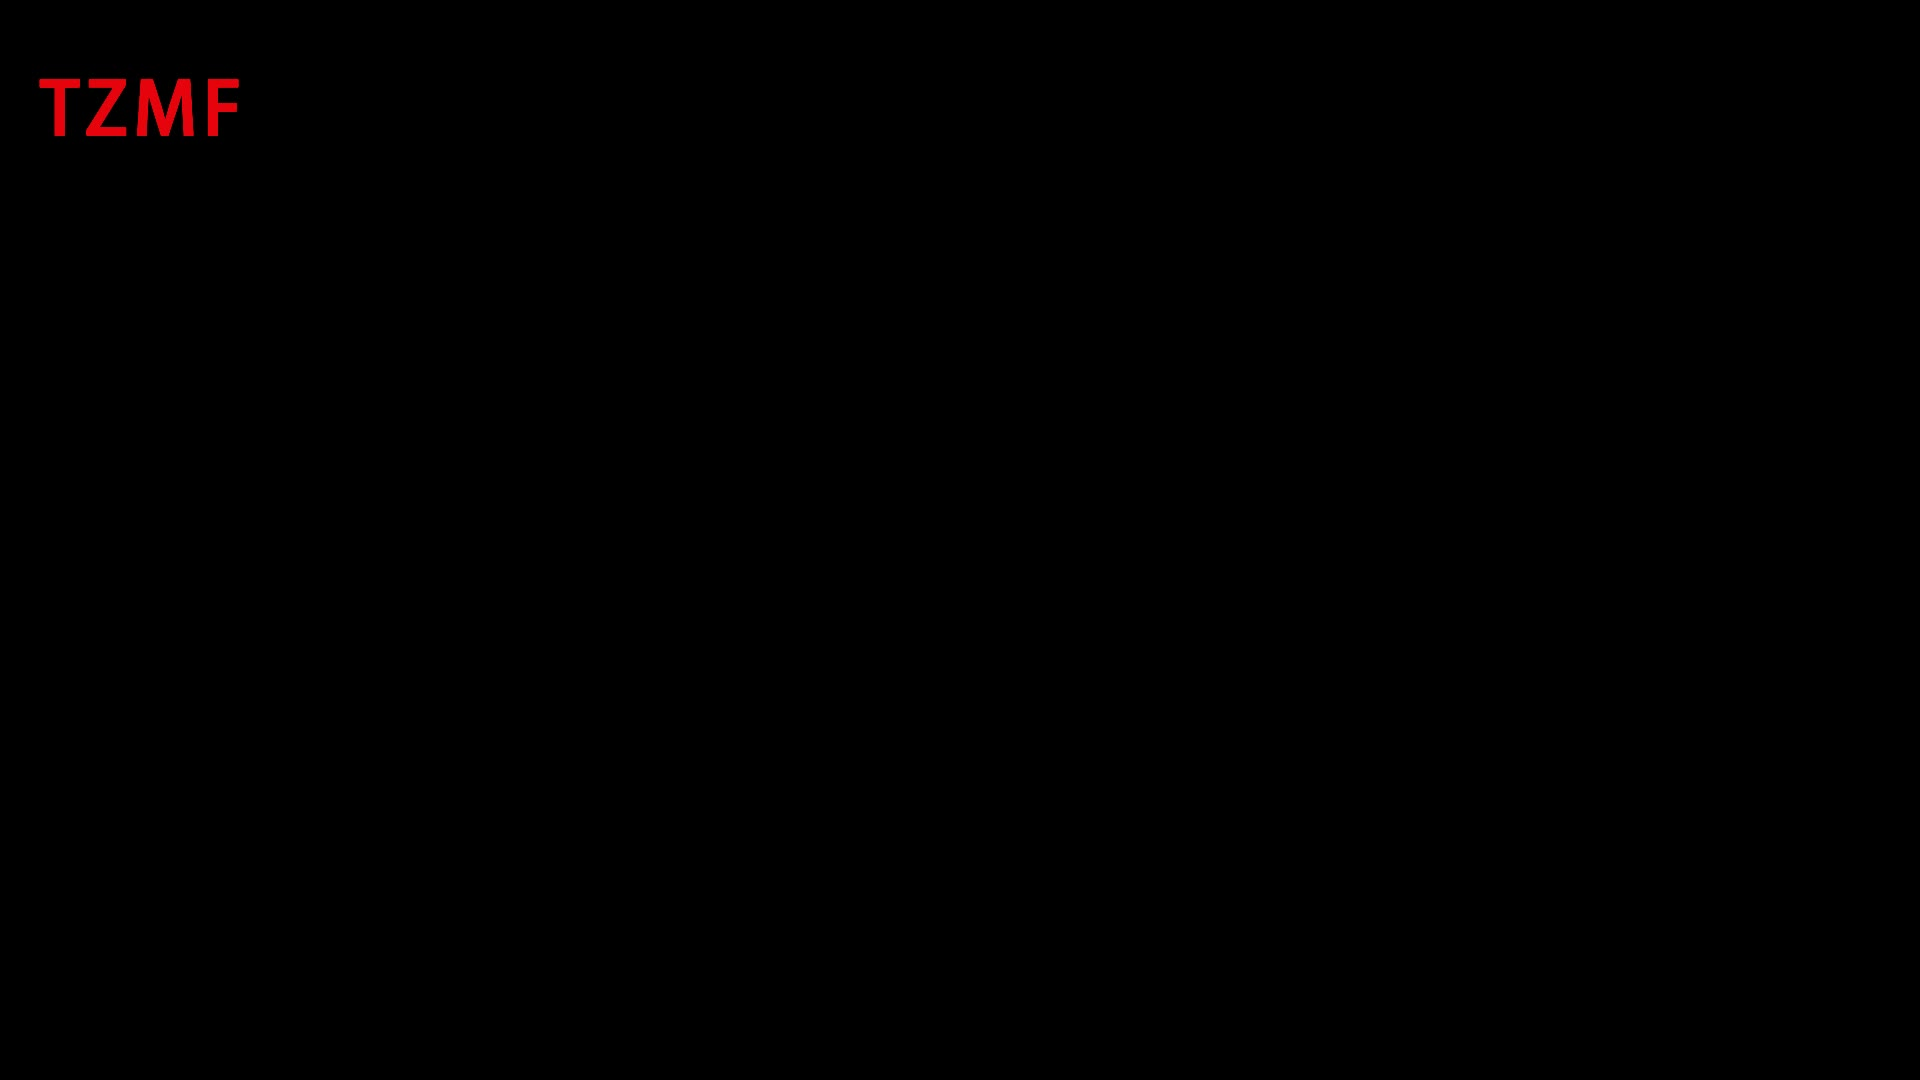 Dicke Baumwolle Schaum Draht Kabel Jump Seil Erwachsene Schnelle Gym Günstige Sport Jump Überspringen Geschwindigkeit Seil Übung Cardio Workout Training